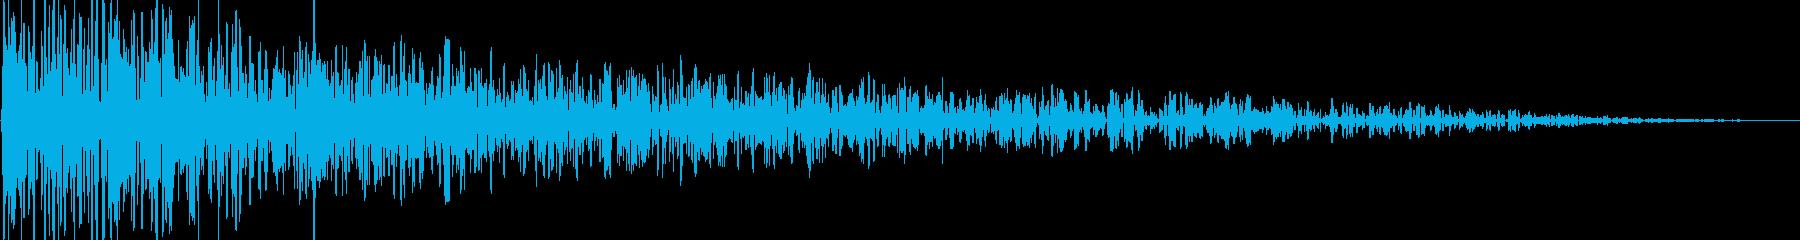 ボカーン(爆発/魔法/衝撃/レトロの再生済みの波形